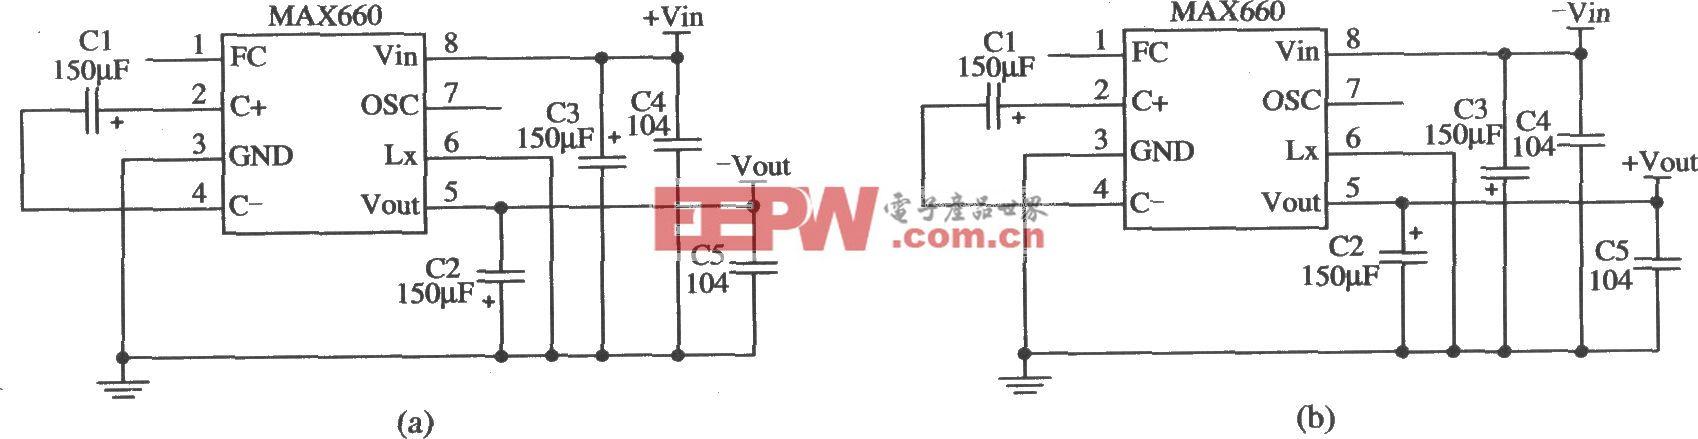 MAX660構成輸入與輸出電壓反轉的應用電路